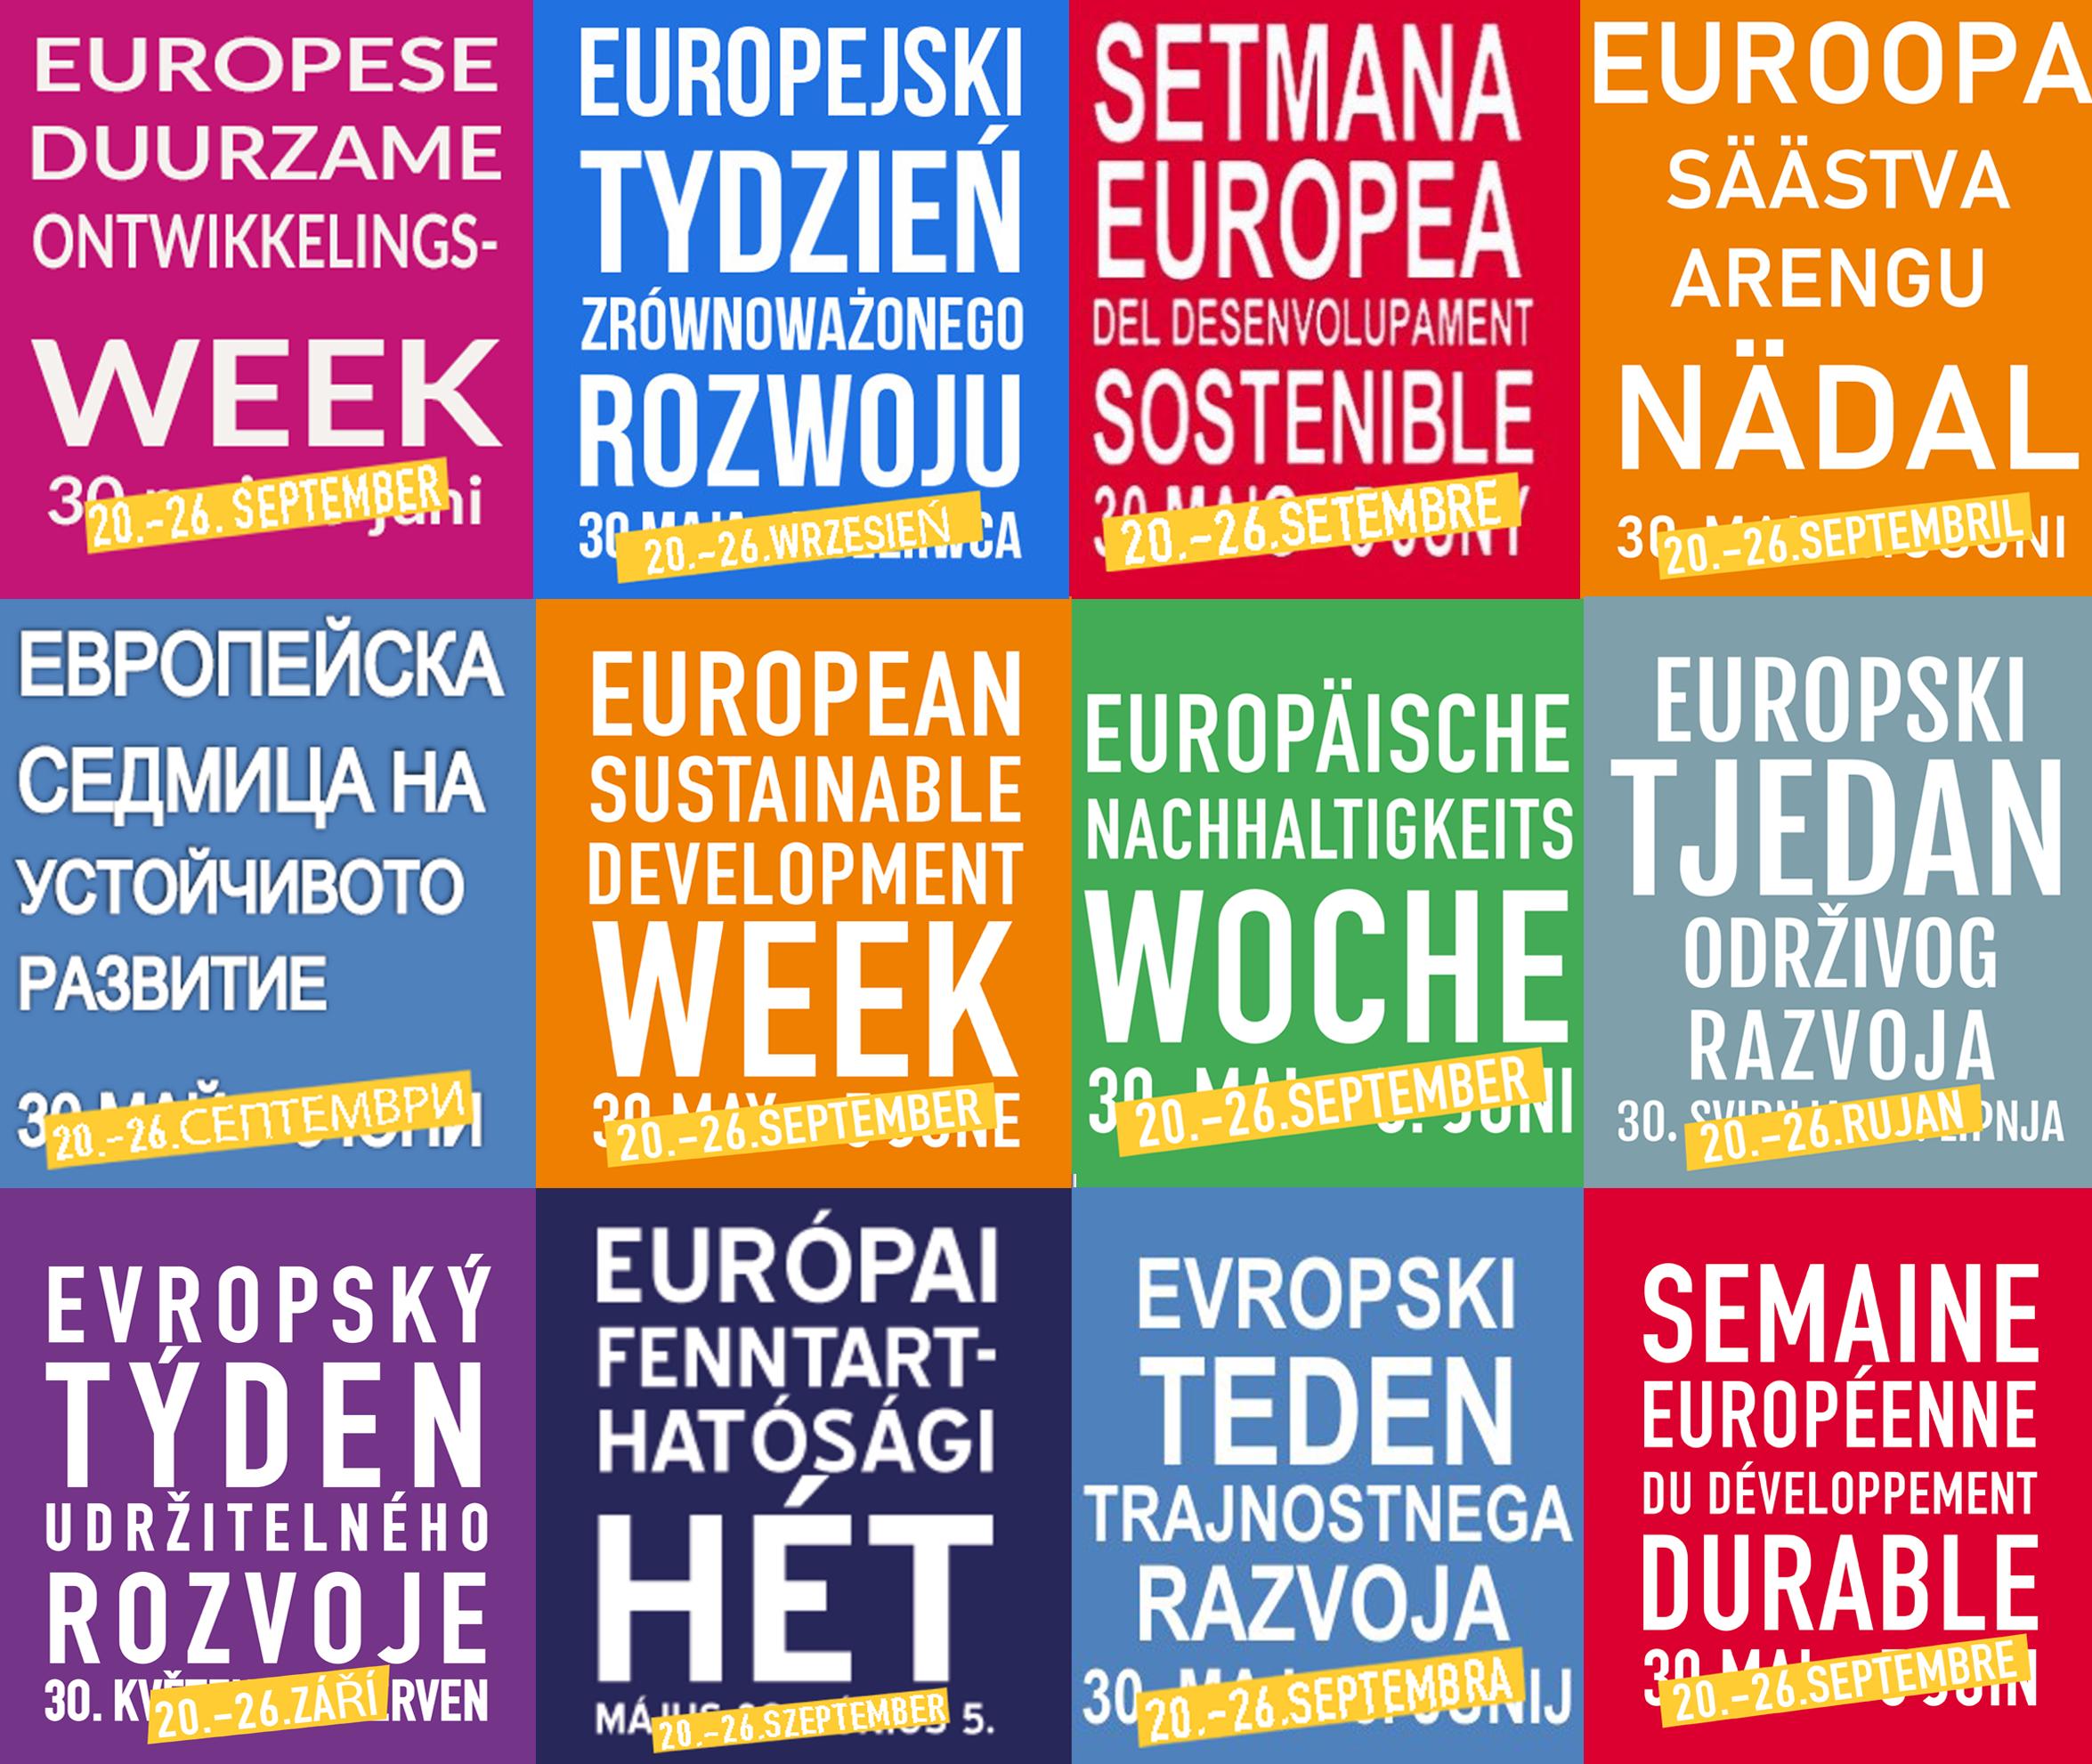 Semaine Européenne du Développement Durable 2020 : des évènements ÉcoQuartier et Ville durable près de chez vous !